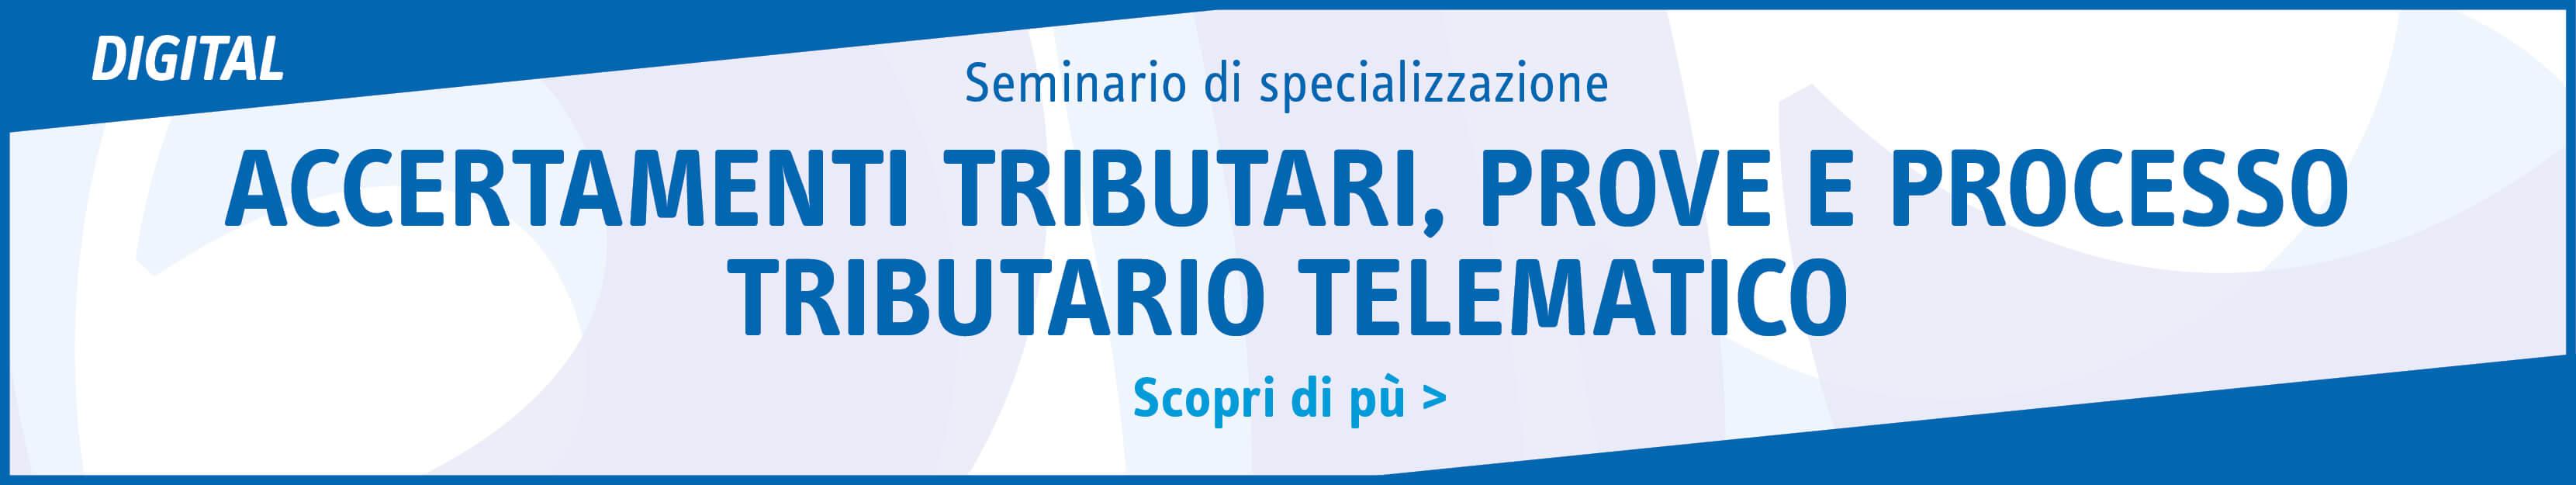 Accertamenti tributari, prove e processo tributario telematico